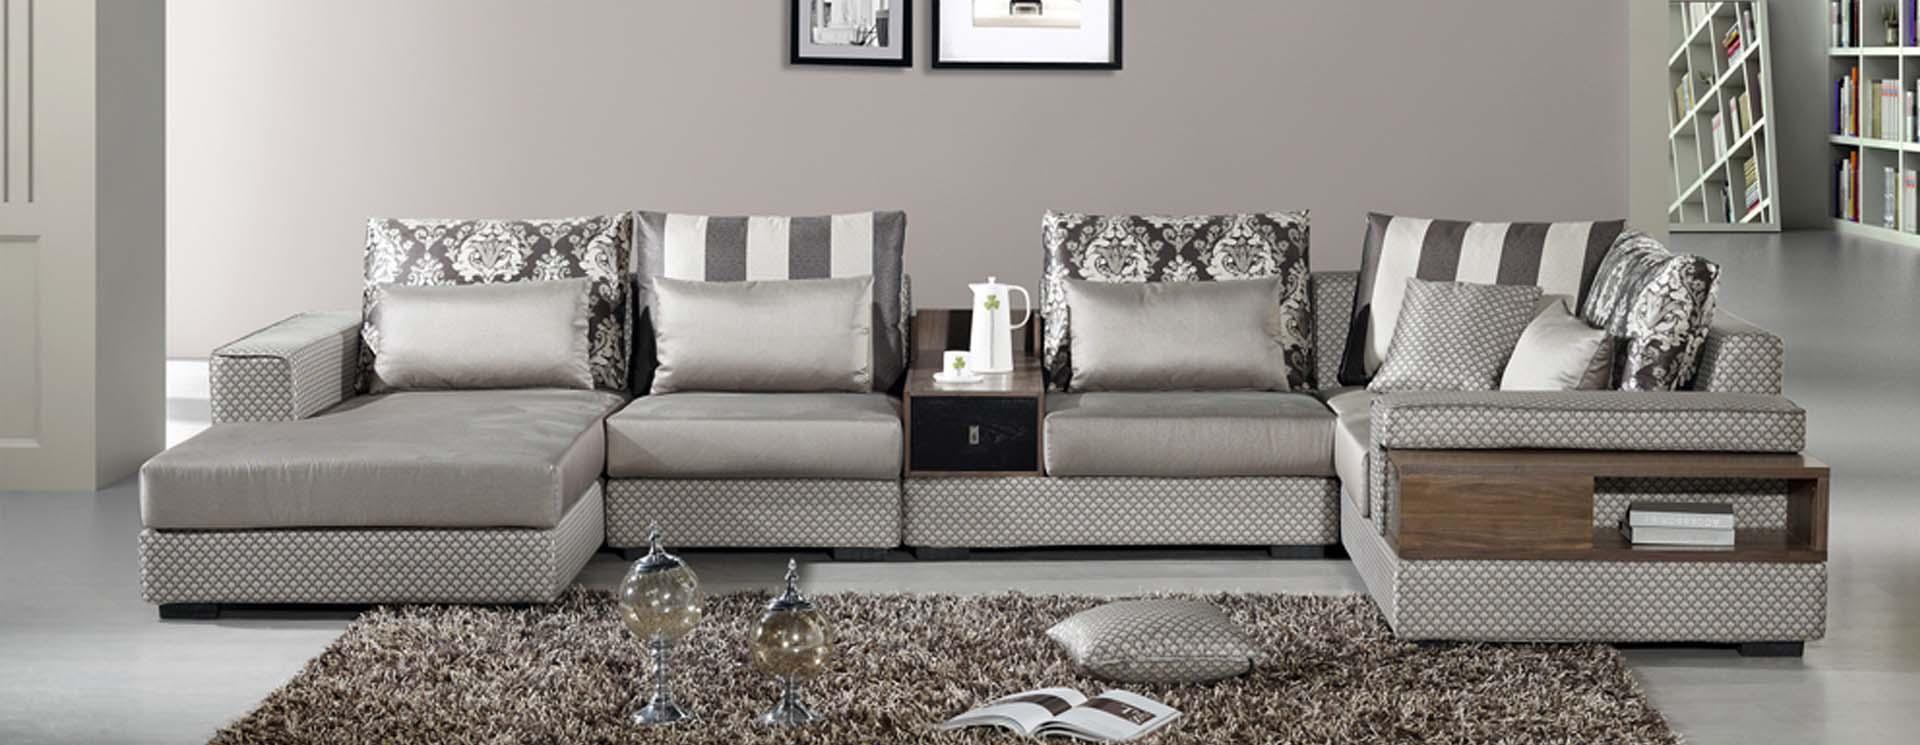 名称:沙发K589#A<br/> 市场价:<font style='color:#999;text-decoration:line-through;'>¥0</font><br />全国统一零售价:<font color='Red'>¥0.0</font>